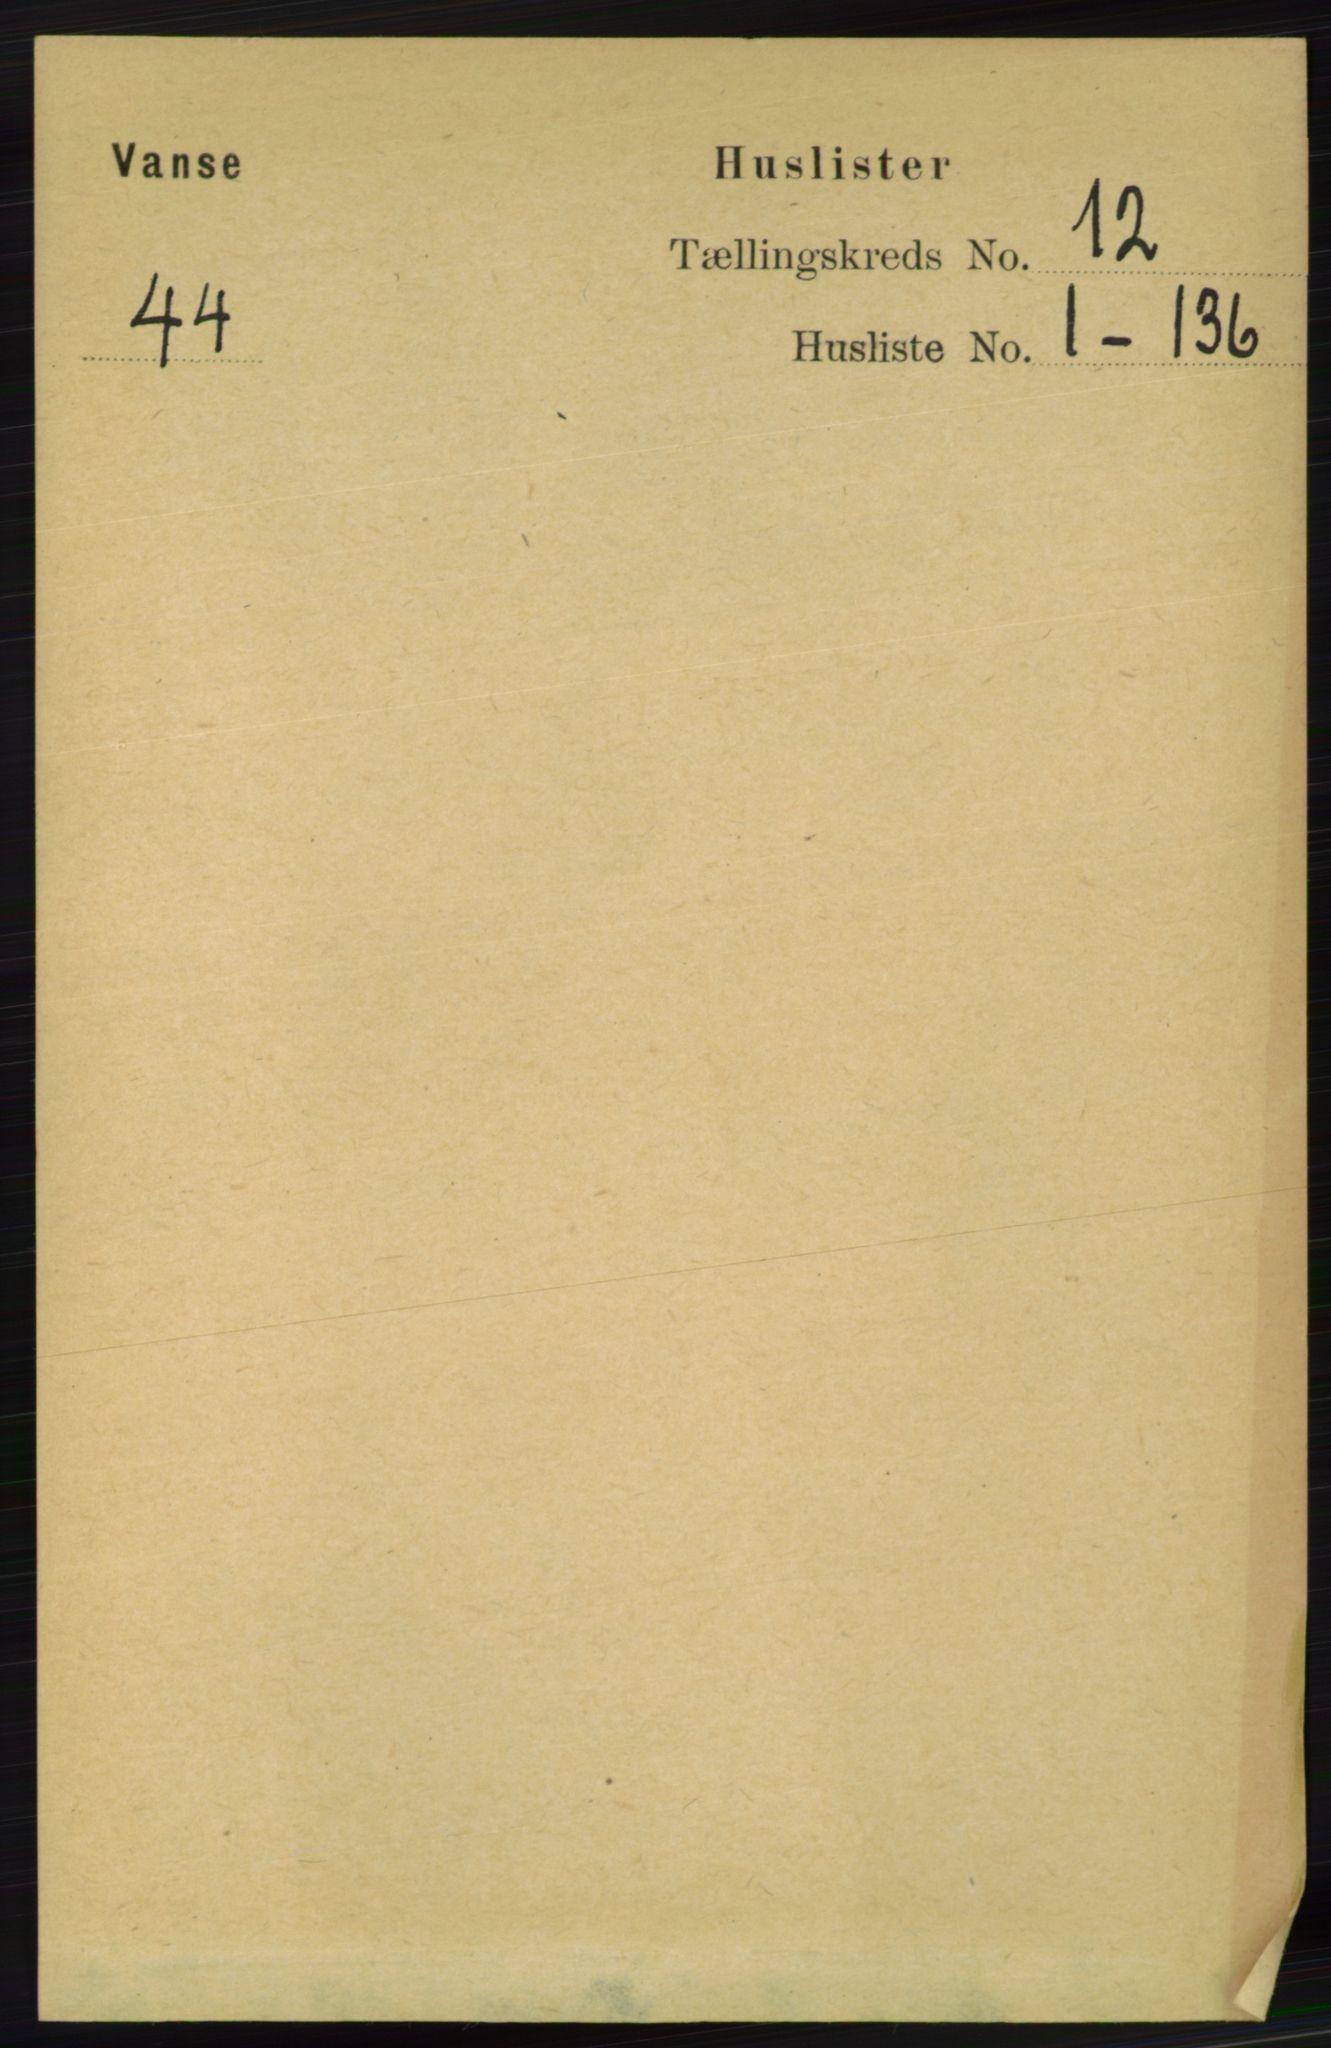 RA, Folketelling 1891 for 1041 Vanse herred, 1891, s. 6667